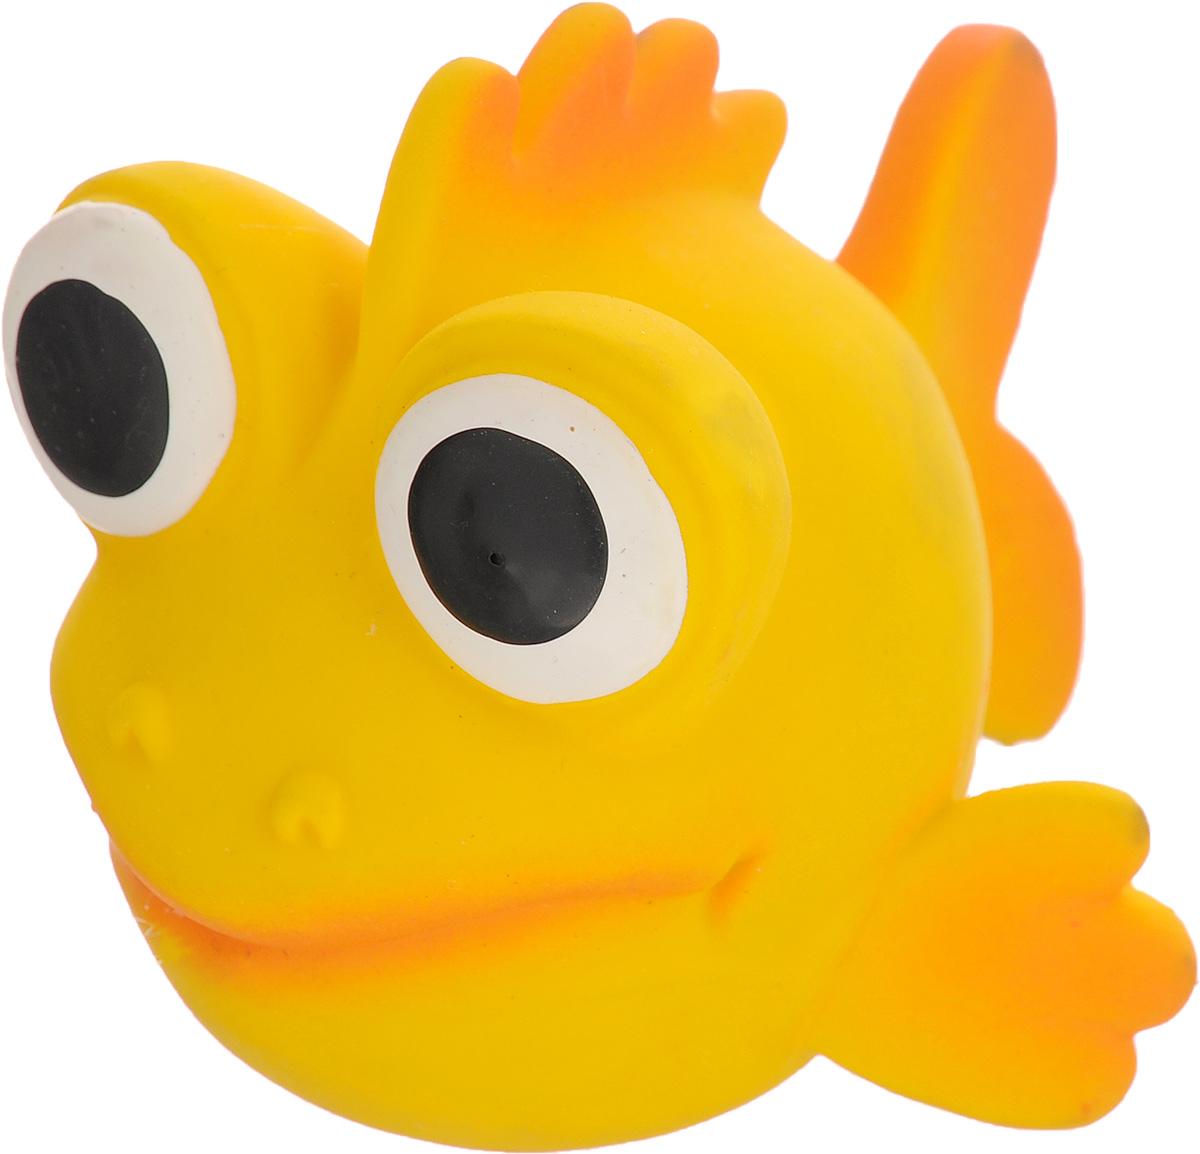 Игрушка для собак Beeztees I.P.T.S. Рыбка, цвет: желтый, оранжевый игрушка для собак beeztees ослик 619691